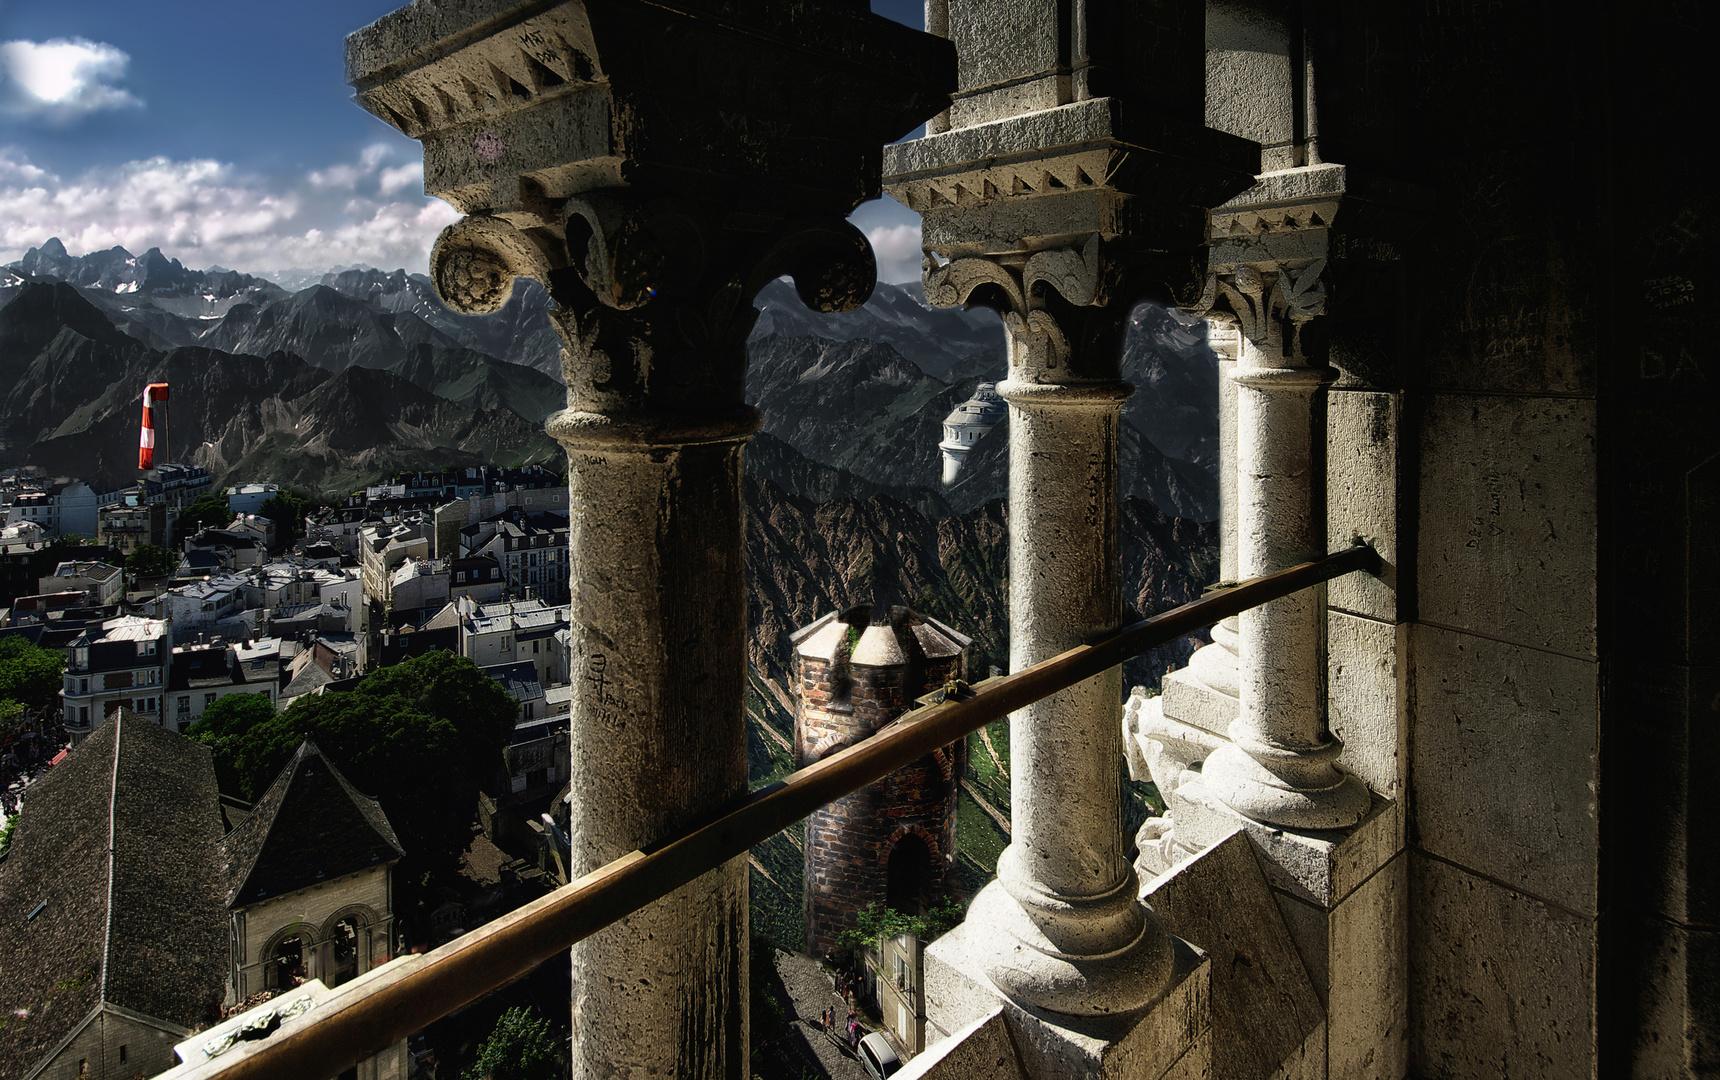 Daumengruppe der Allgäuer Alpen von der Kuppel vom Sacré-Coeur in Paris aus gesehen :)